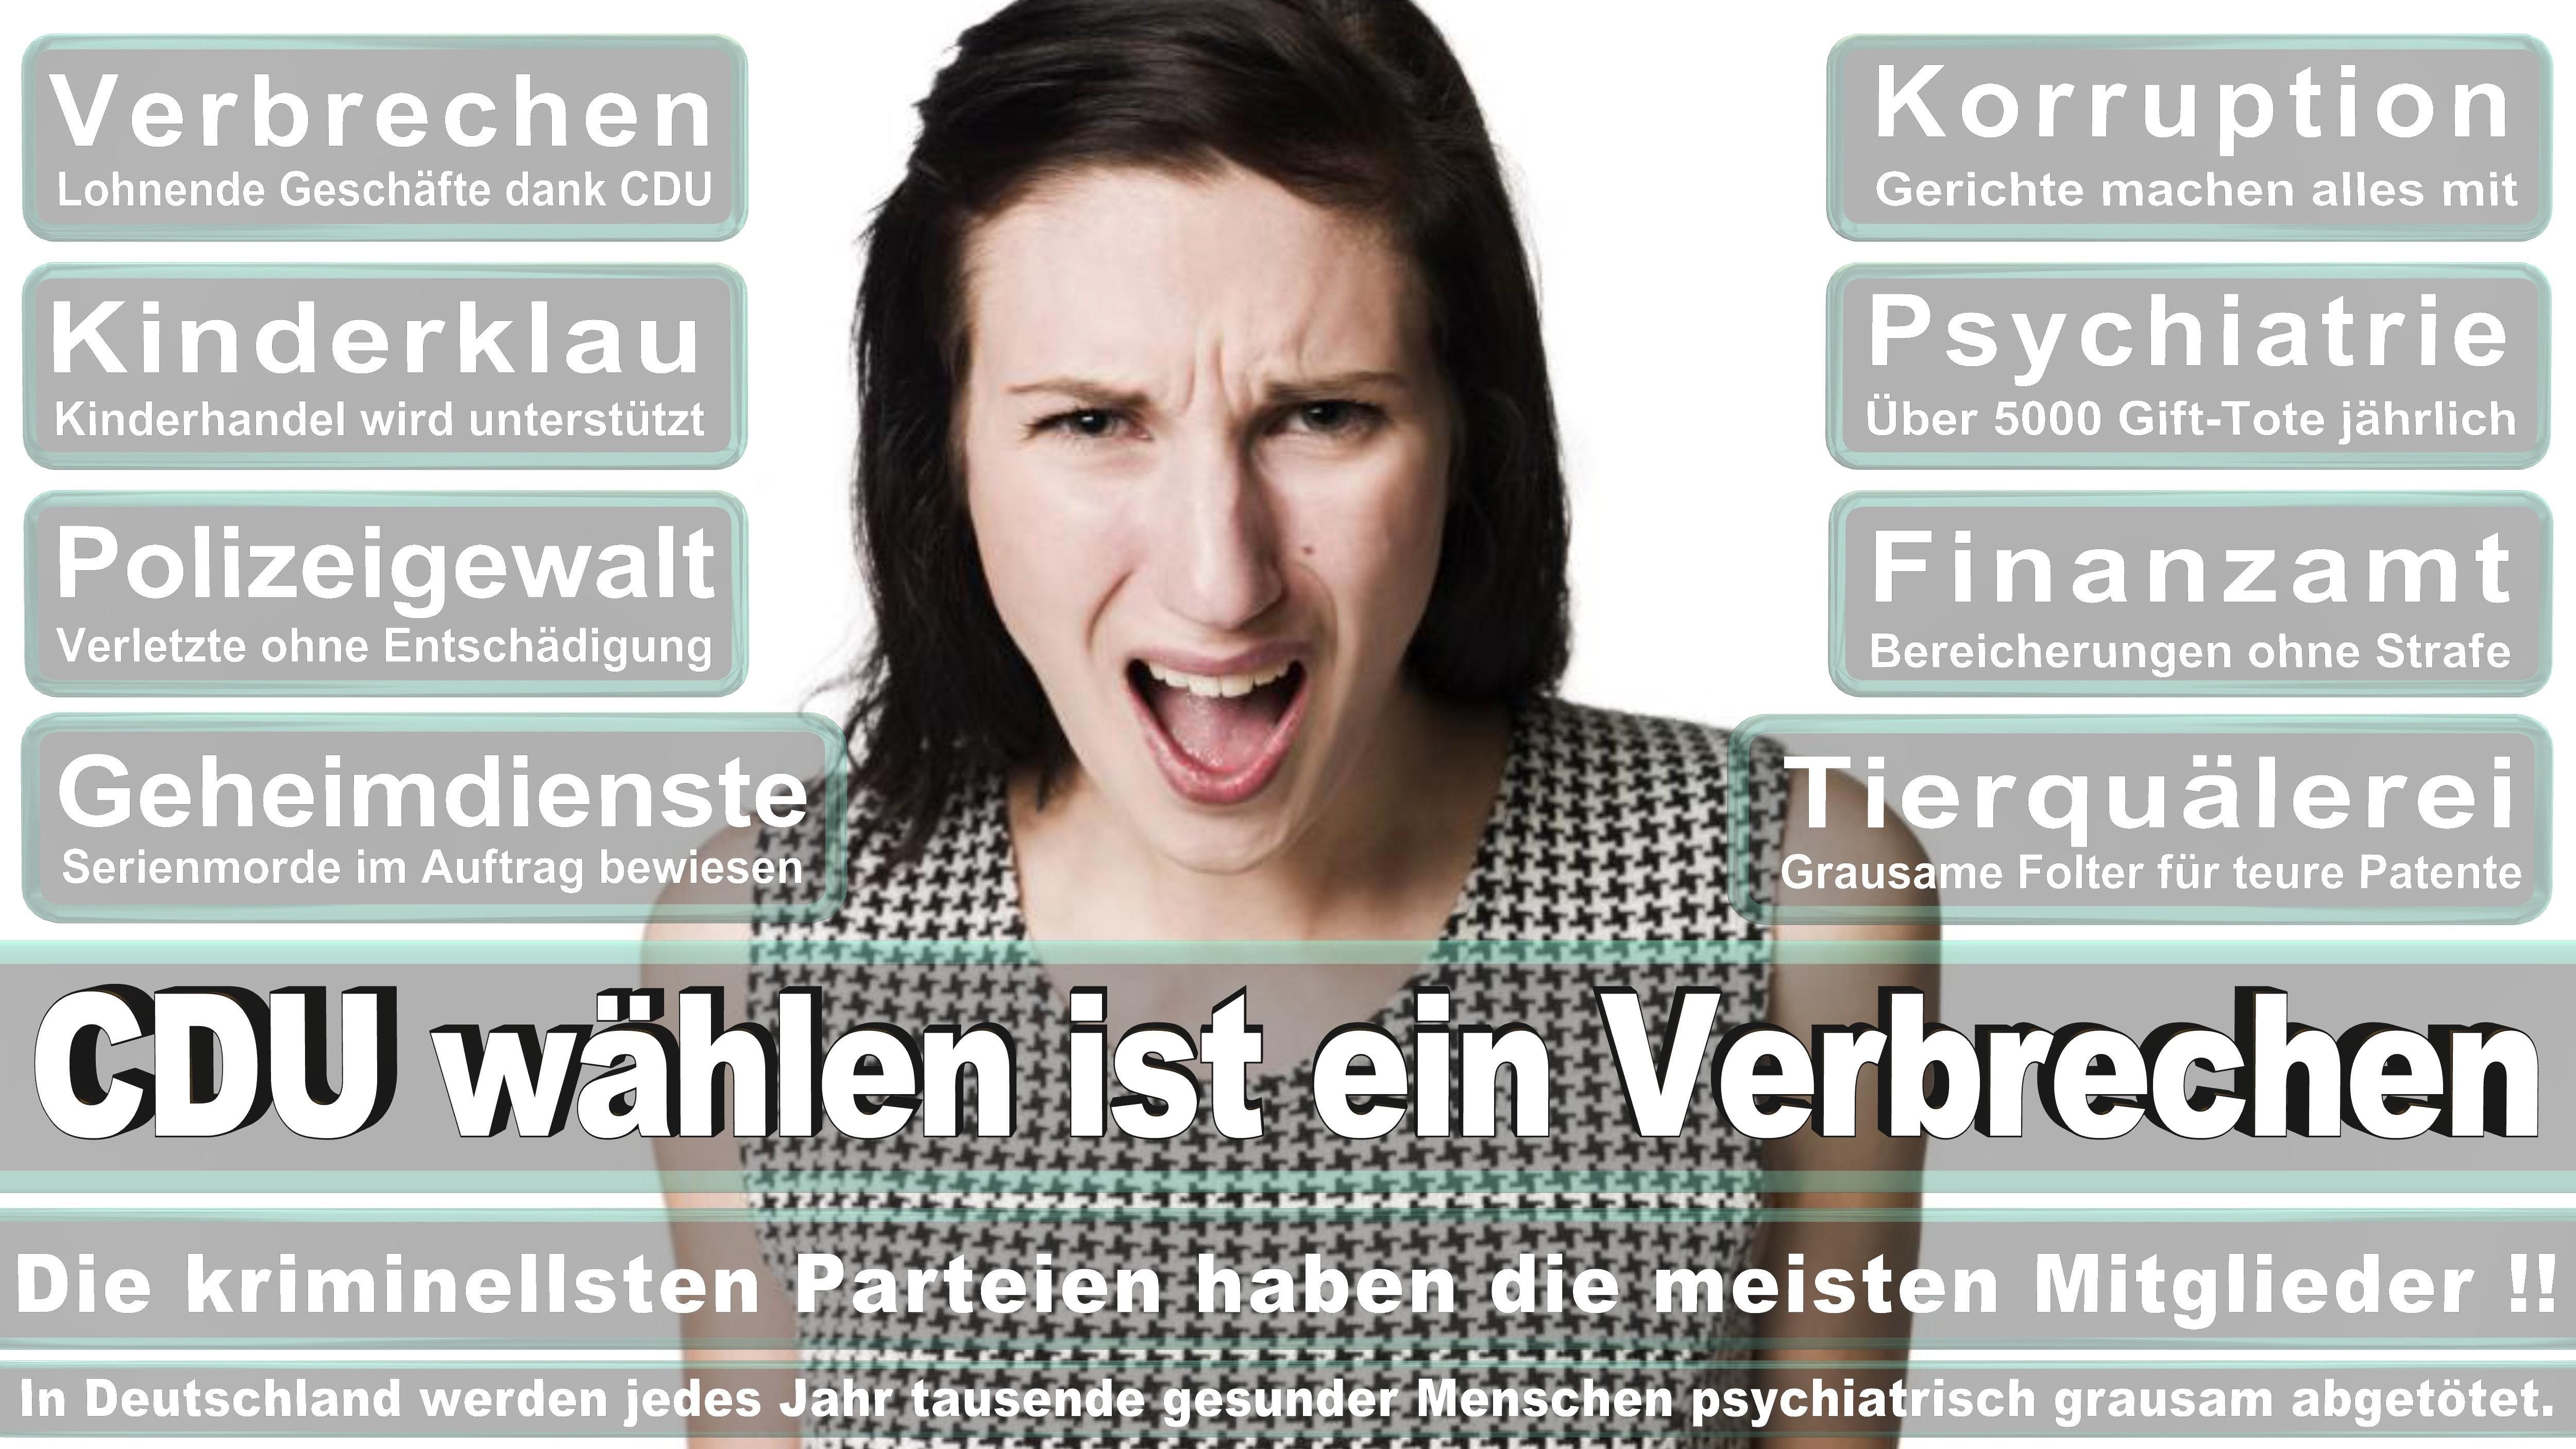 Rosa Luxemburg, Bedeutende Theoretikerin, Innerparteiliche Gegnerin Von Bernstein Im Revisionismusstreit, Mitbegründerin Der KPD